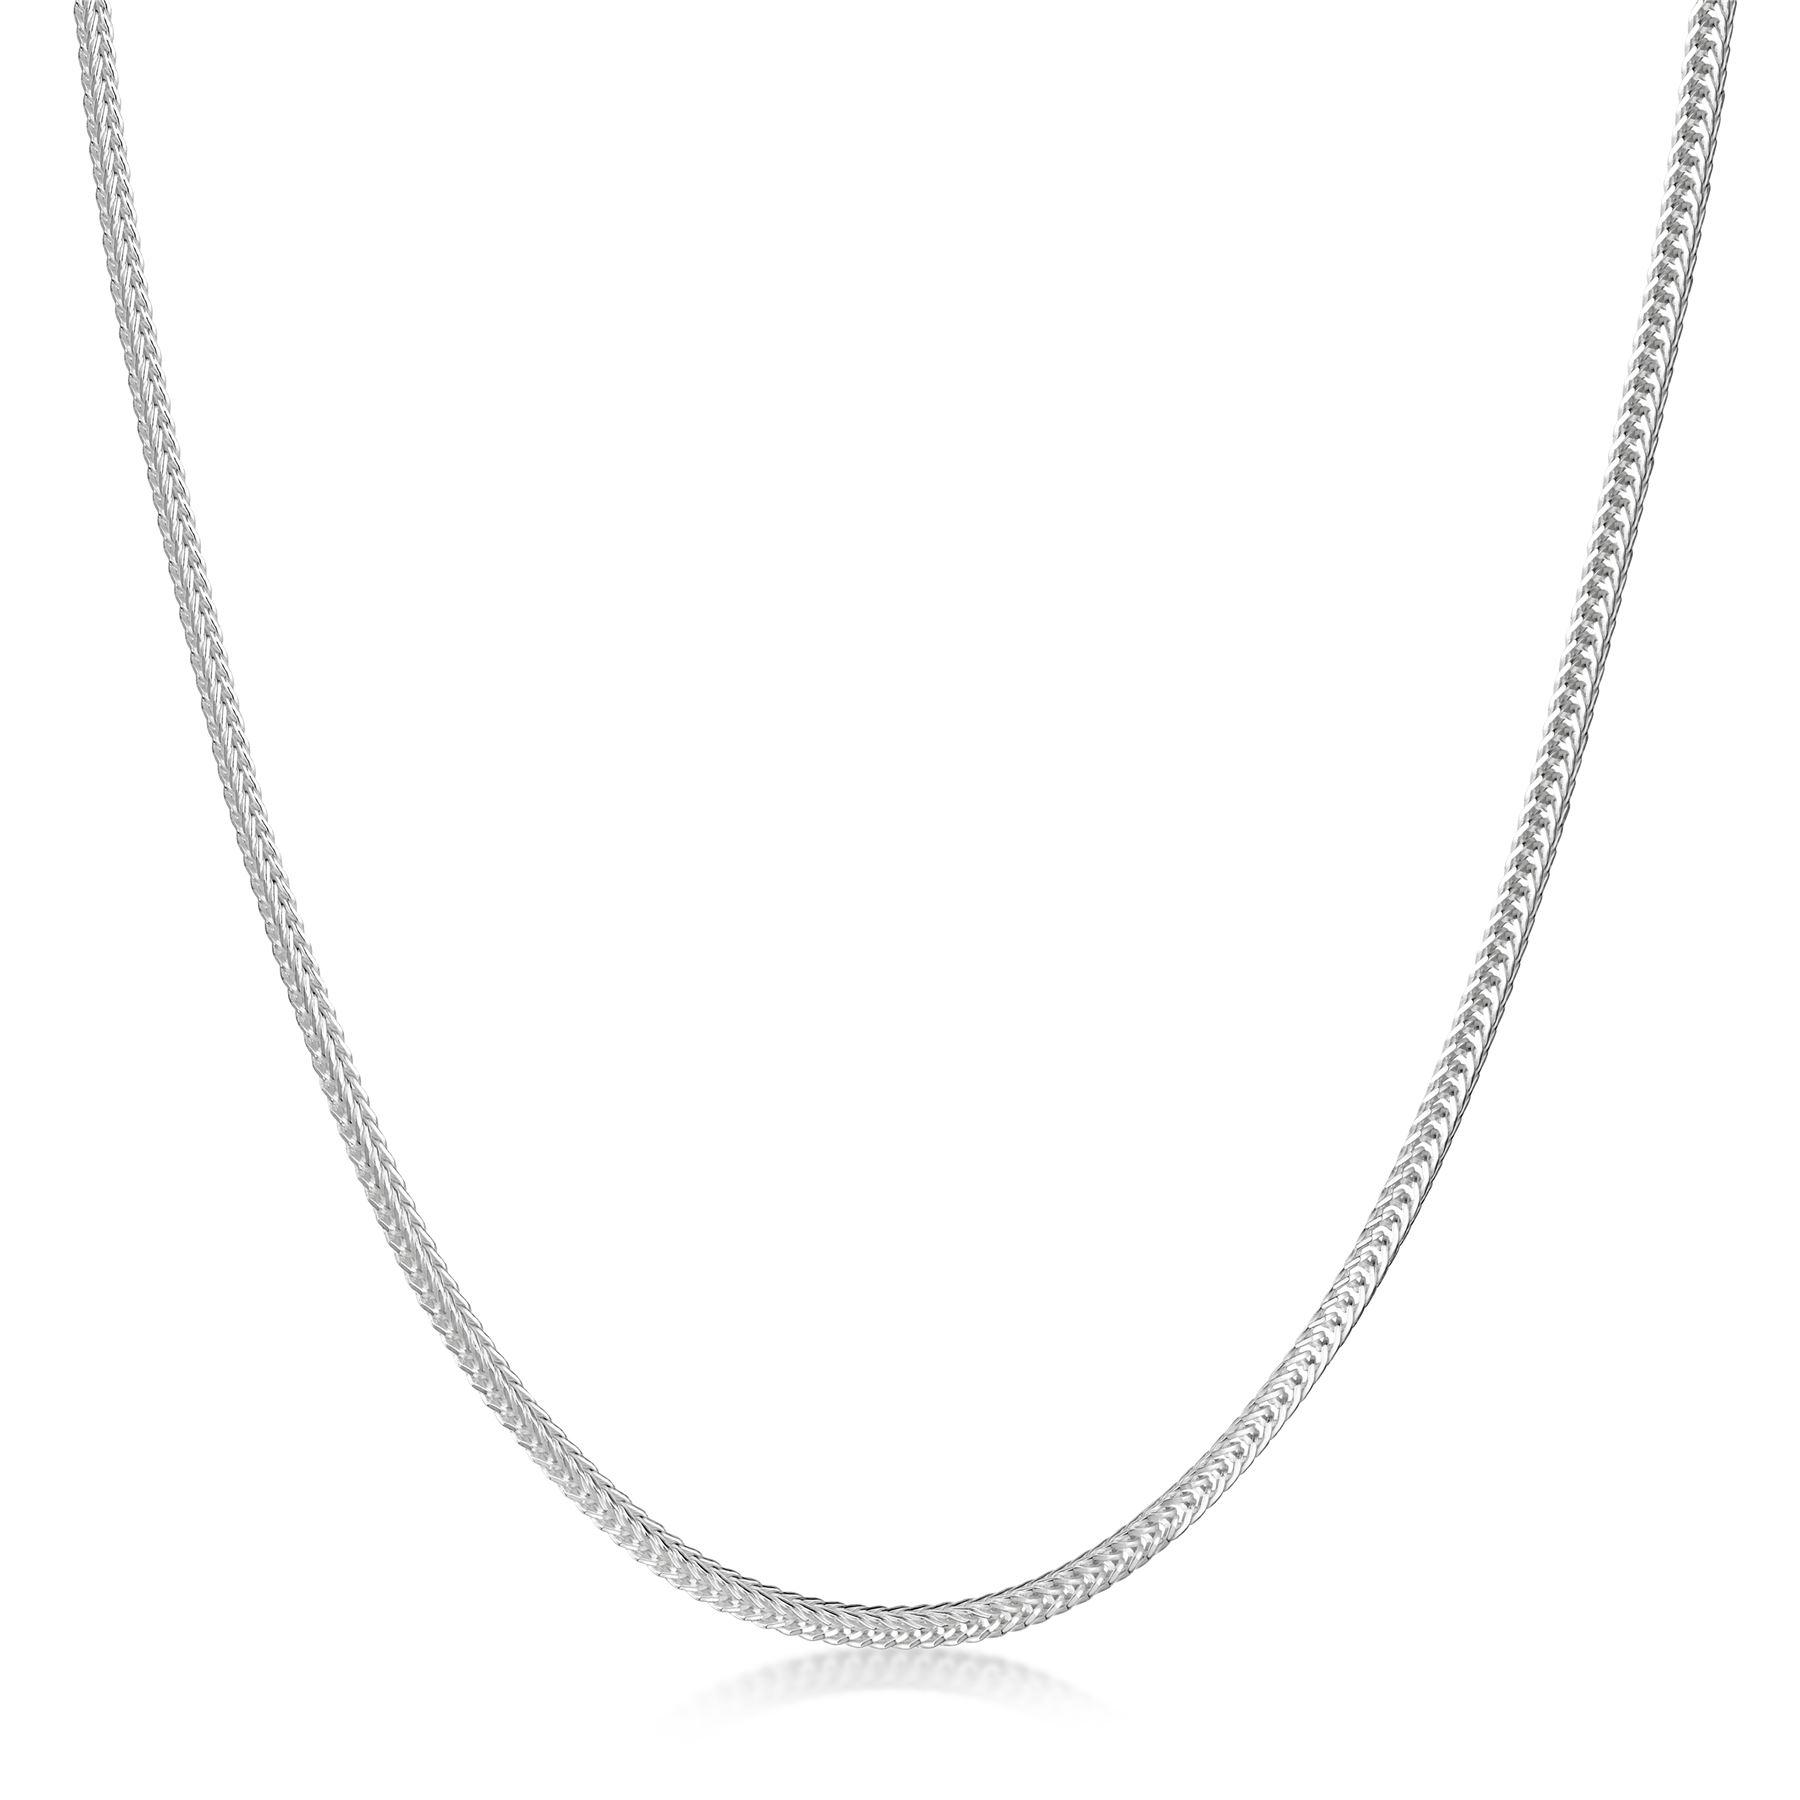 Amberta-Collar-en-Plata-De-Ley-925-Autentica-Cadena-para-Mujer-y-Hombre-Italiana miniatura 49